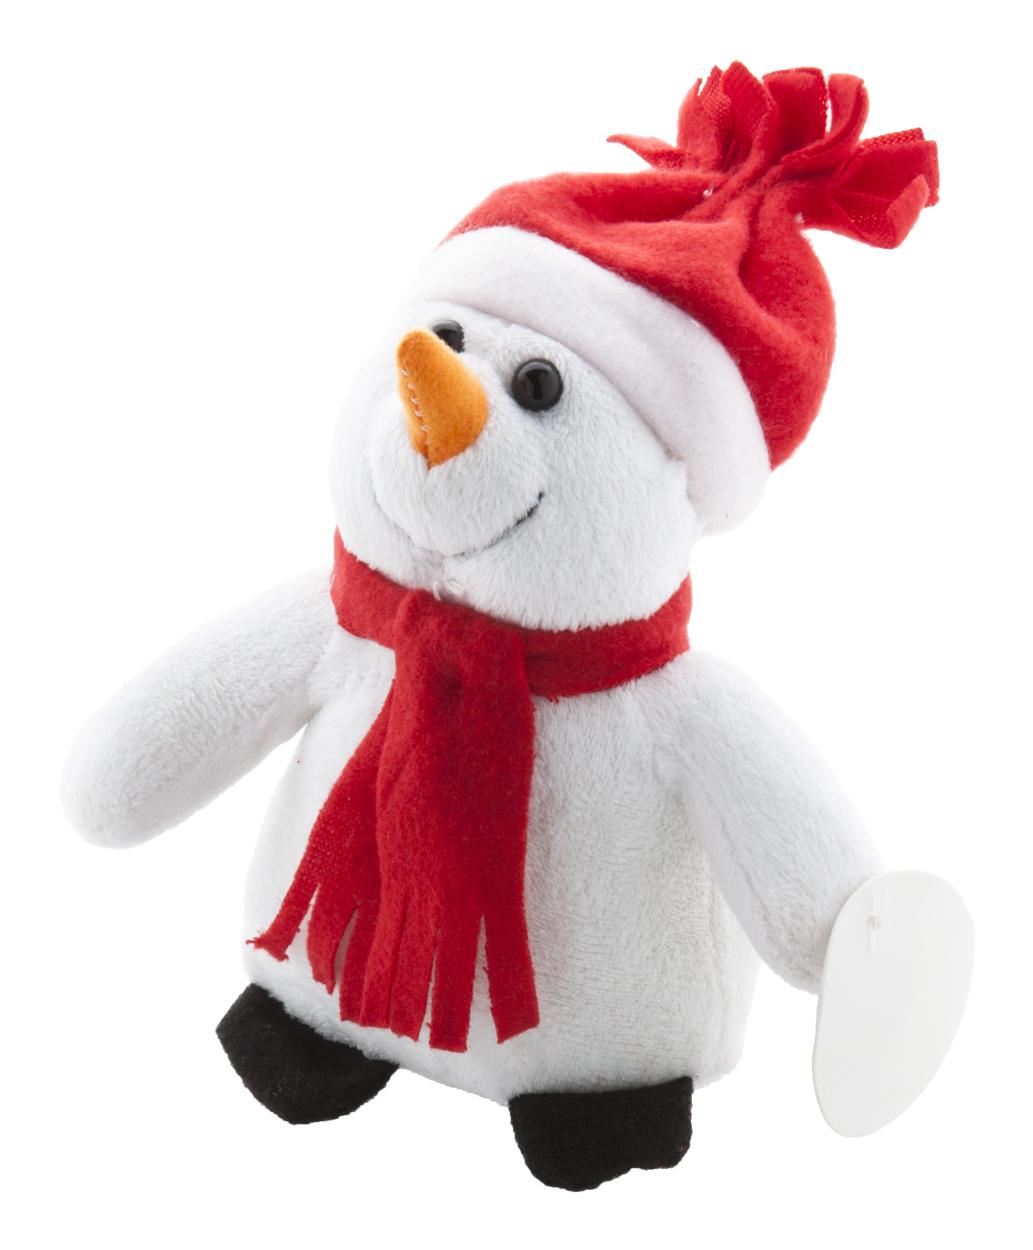 Lumiukko plush snowman